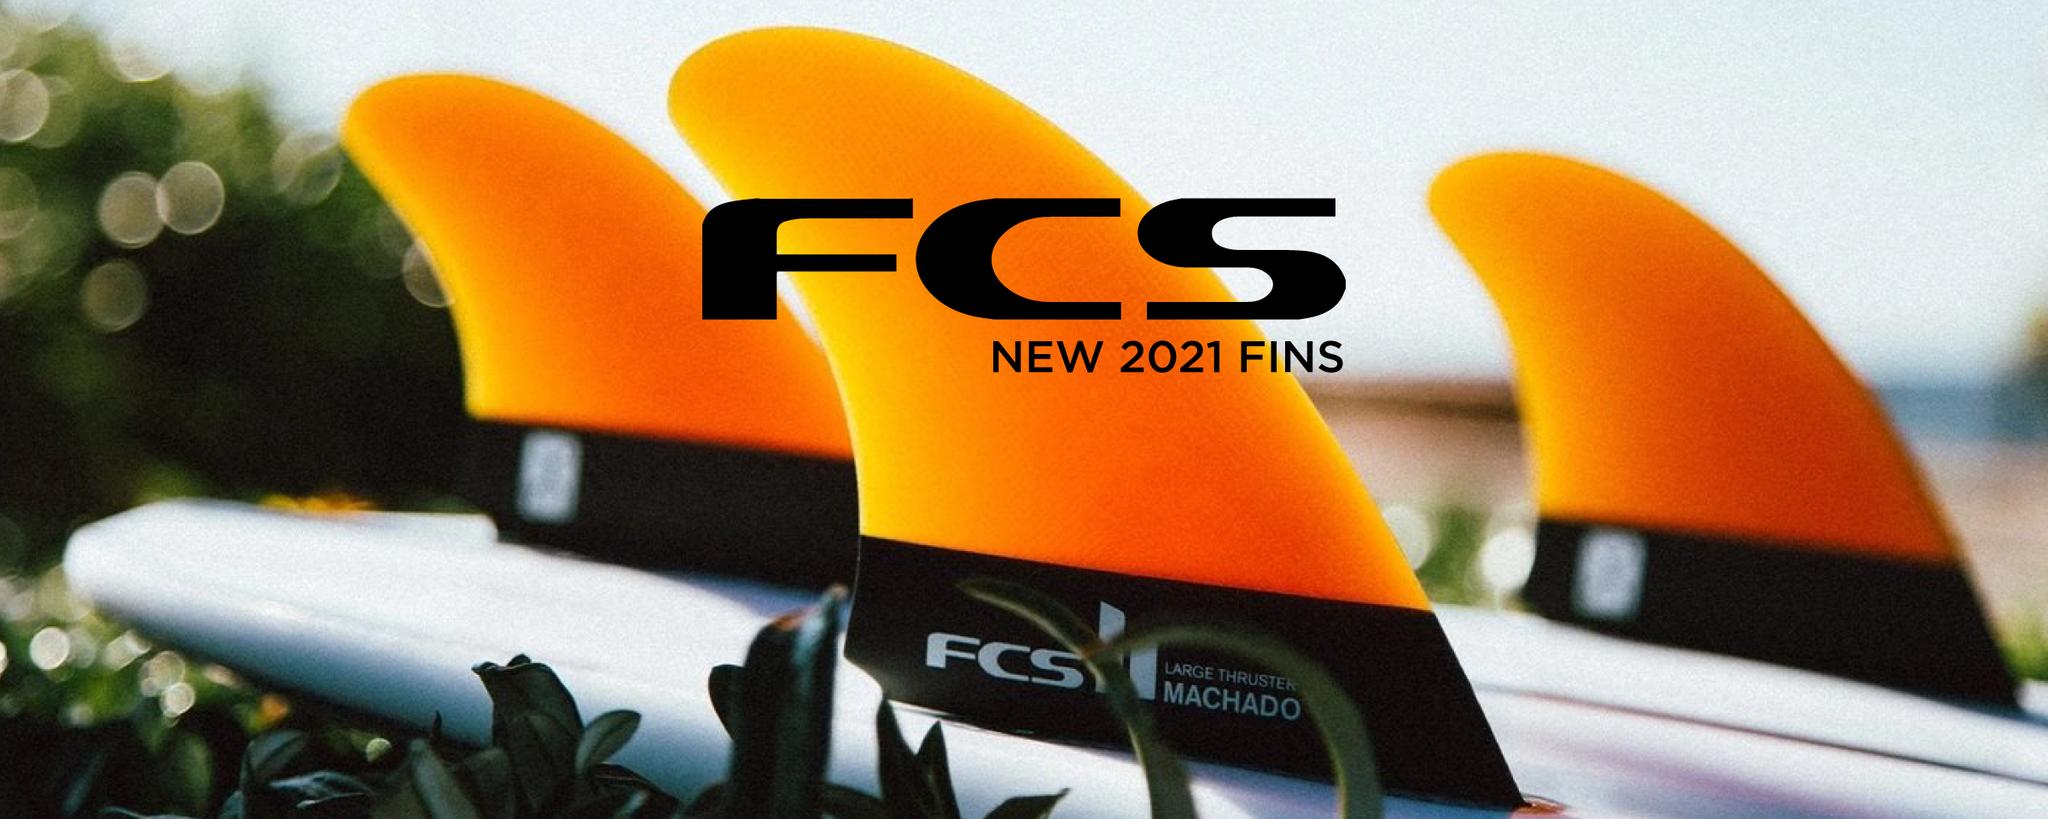 FCS NEW 2021 FINS EN